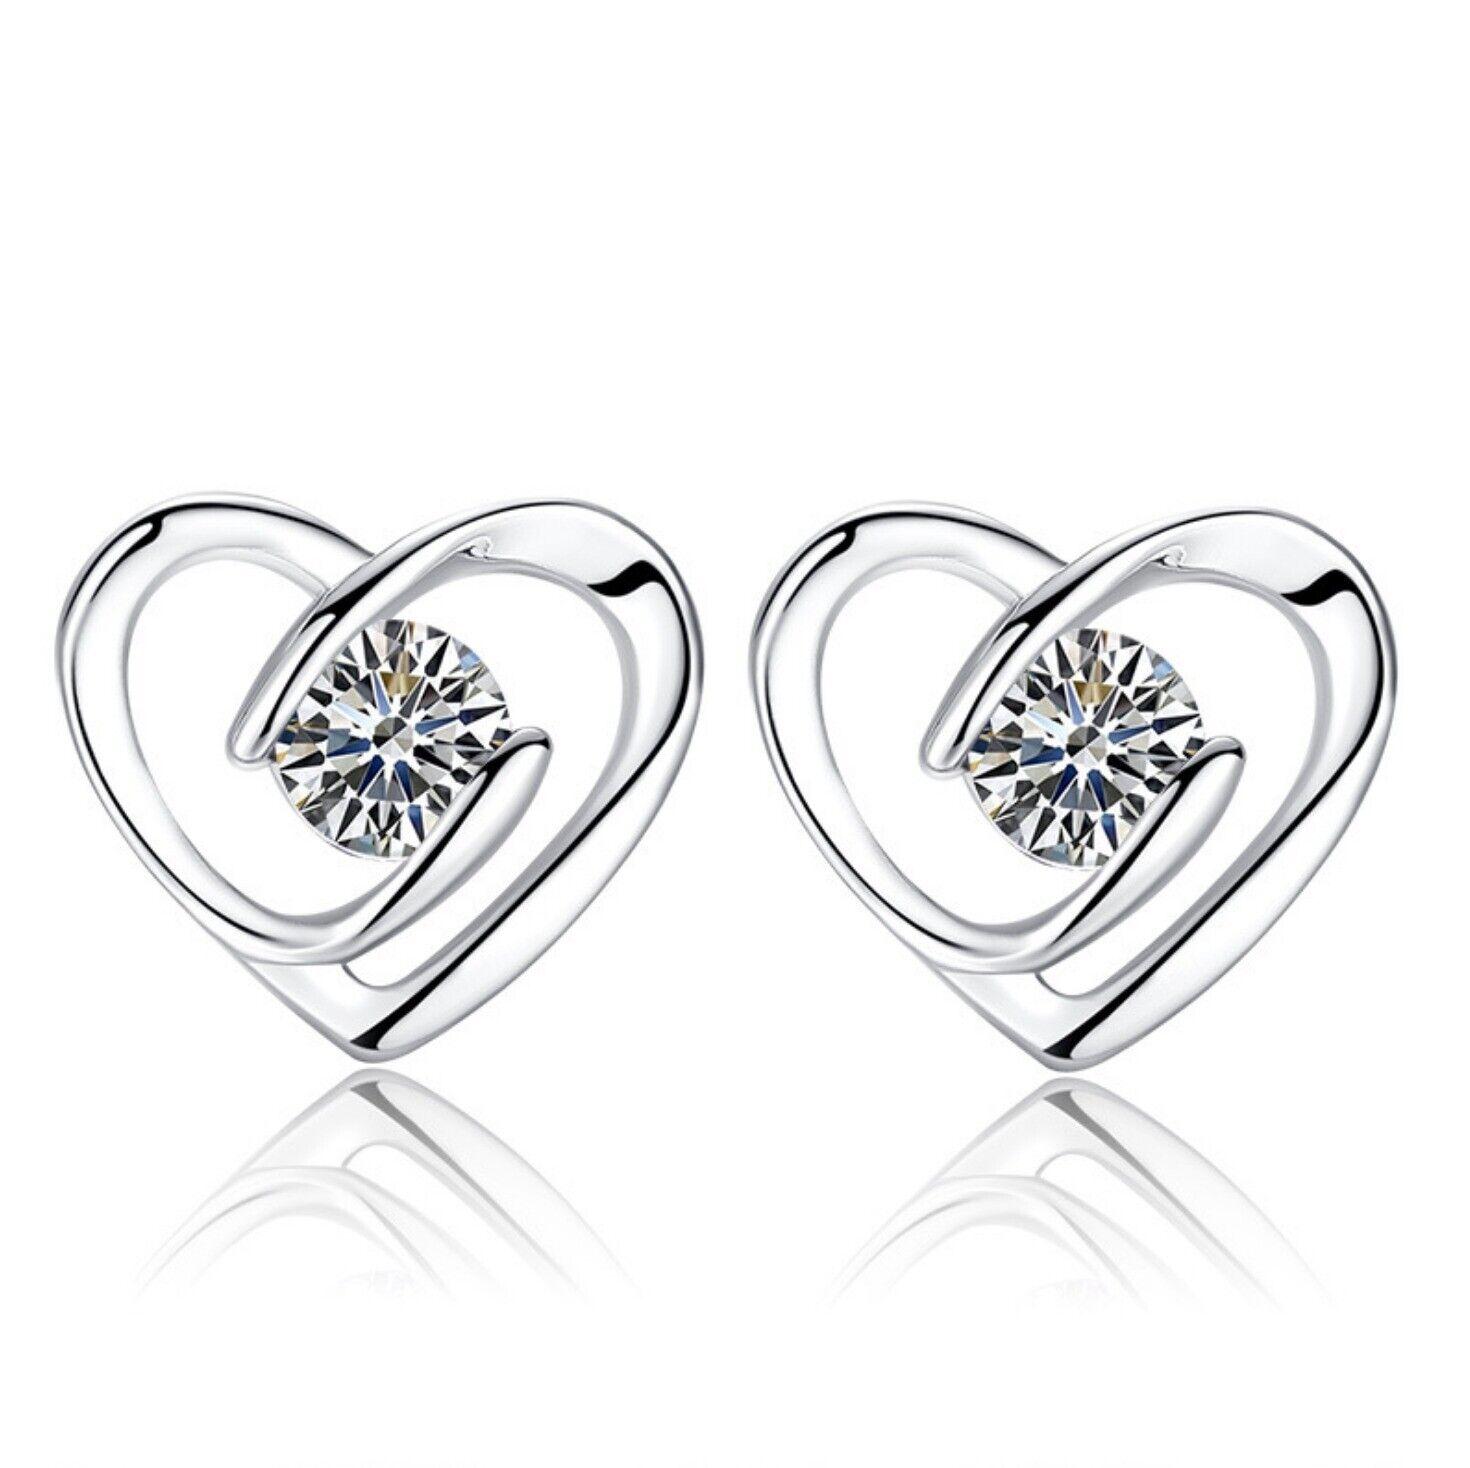 Jewellery - Heart Swirl Stone Stud Earrings 925 Sterling Silver Womens Girls Jewellery Gift